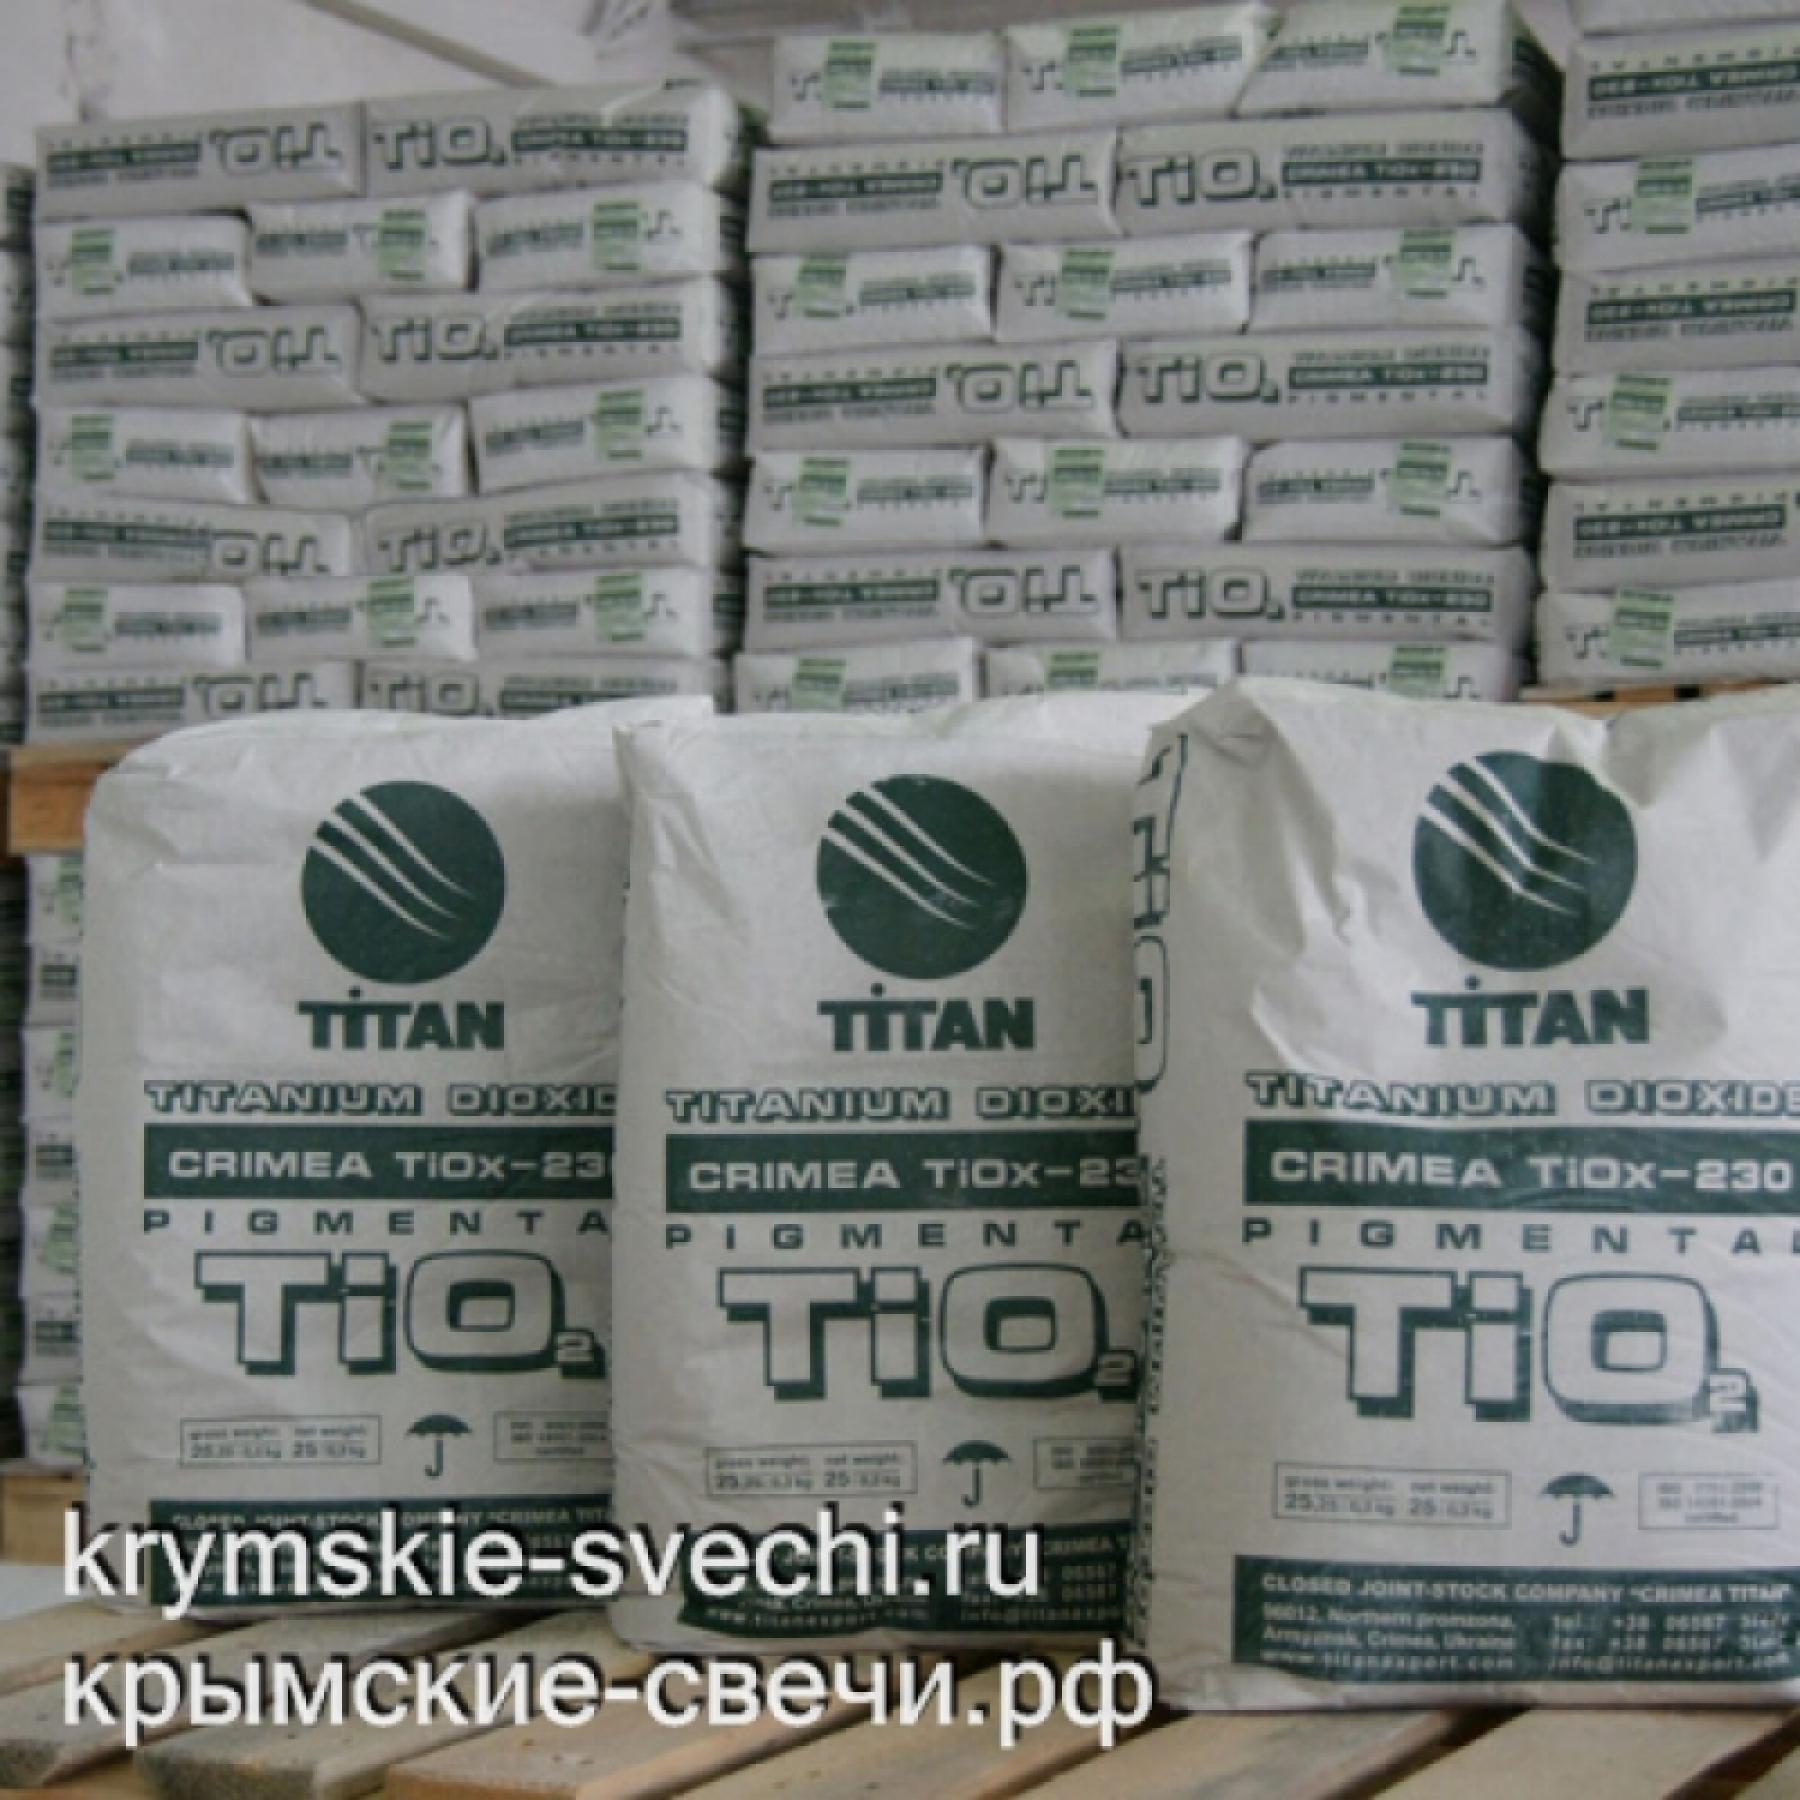 Диоксид титана Crimea TIOx-230. Пигмент белый для окраски различных материалов.